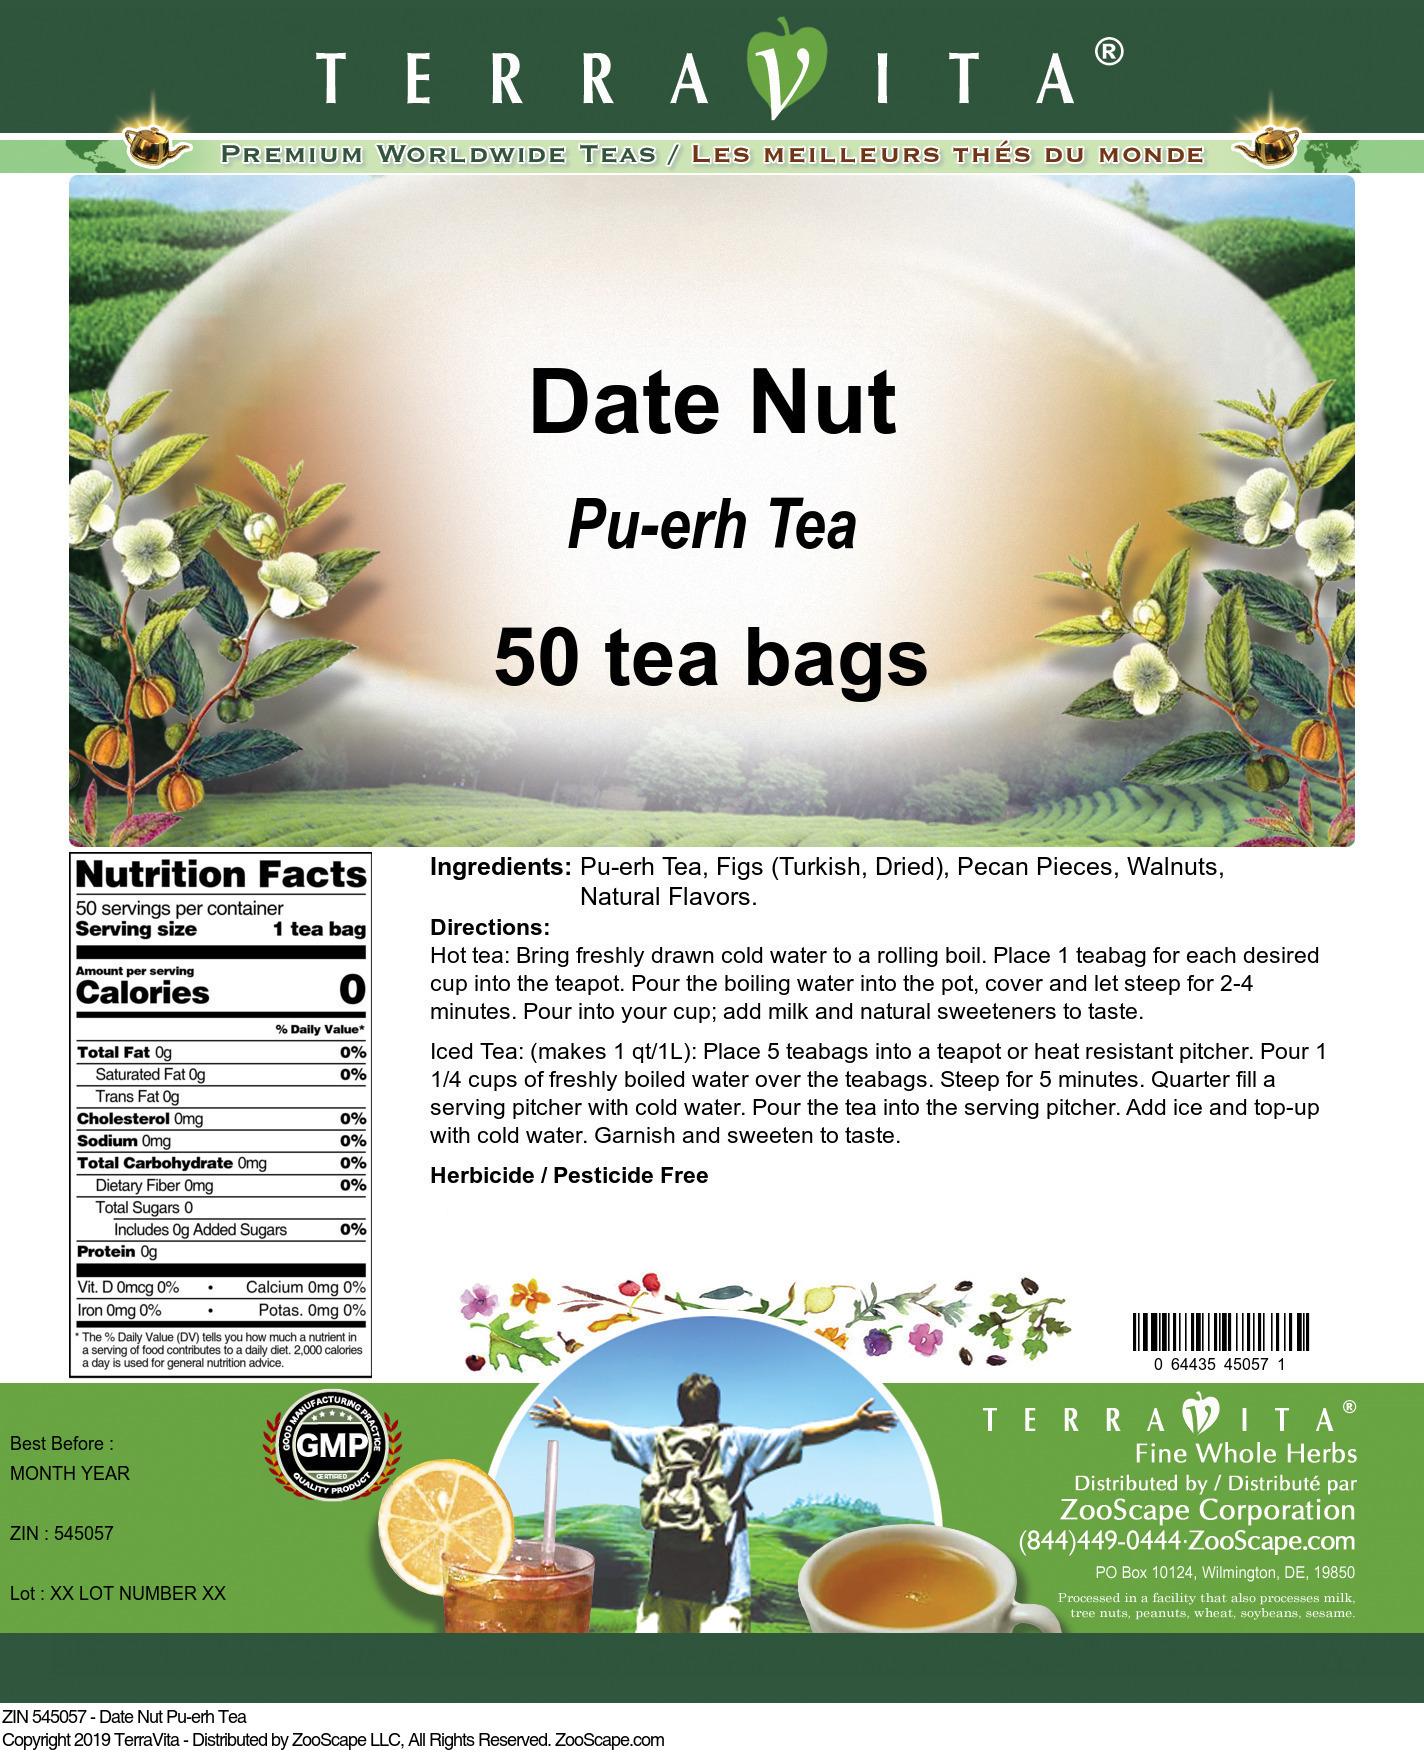 Date Nut Pu-erh Tea